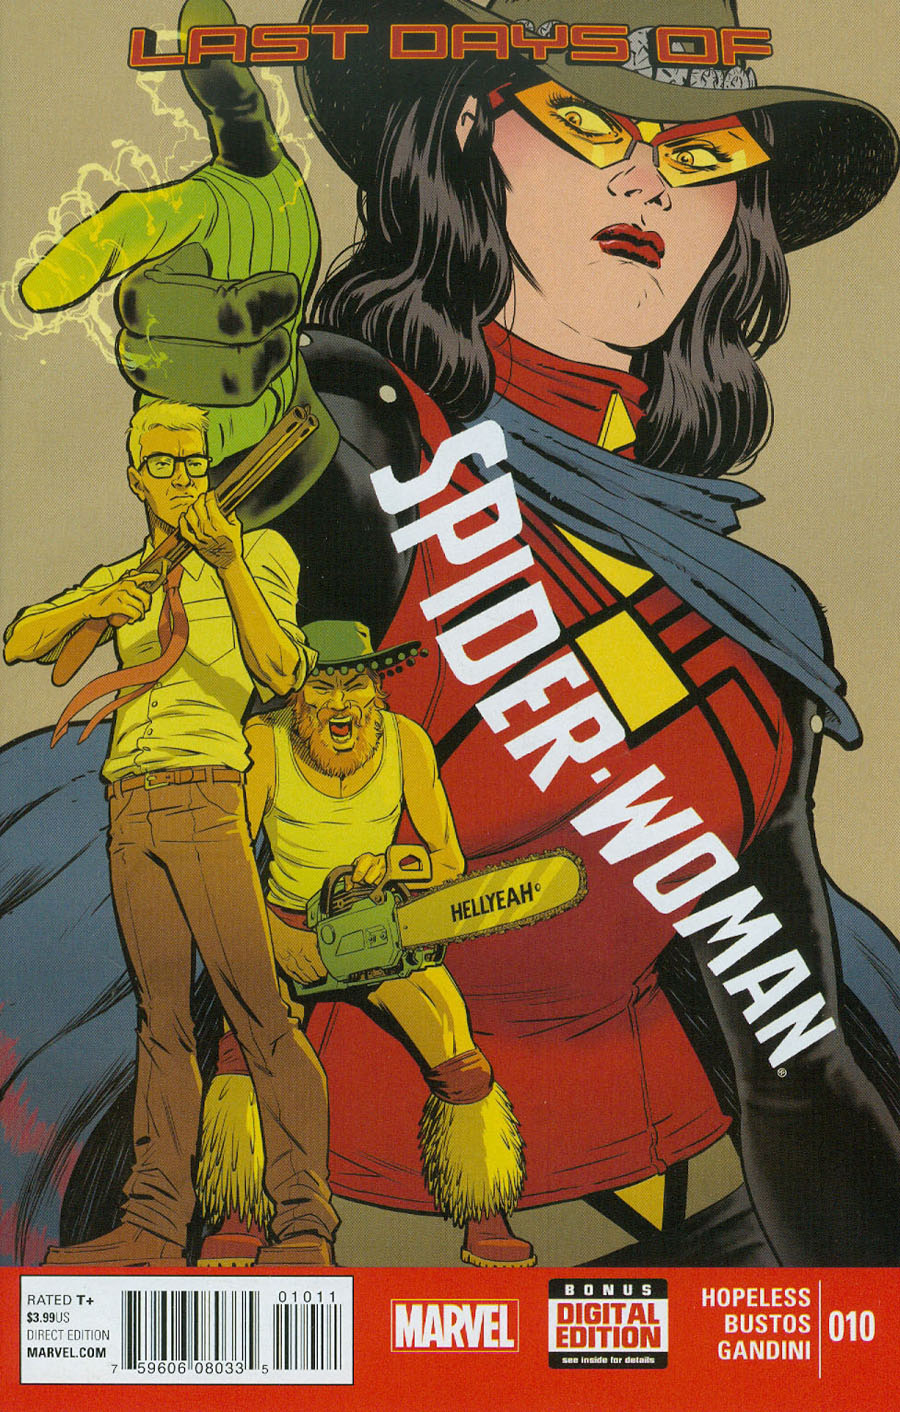 Spider-Woman Vol 5 #10 (Secret Wars Last Days Tie-In)